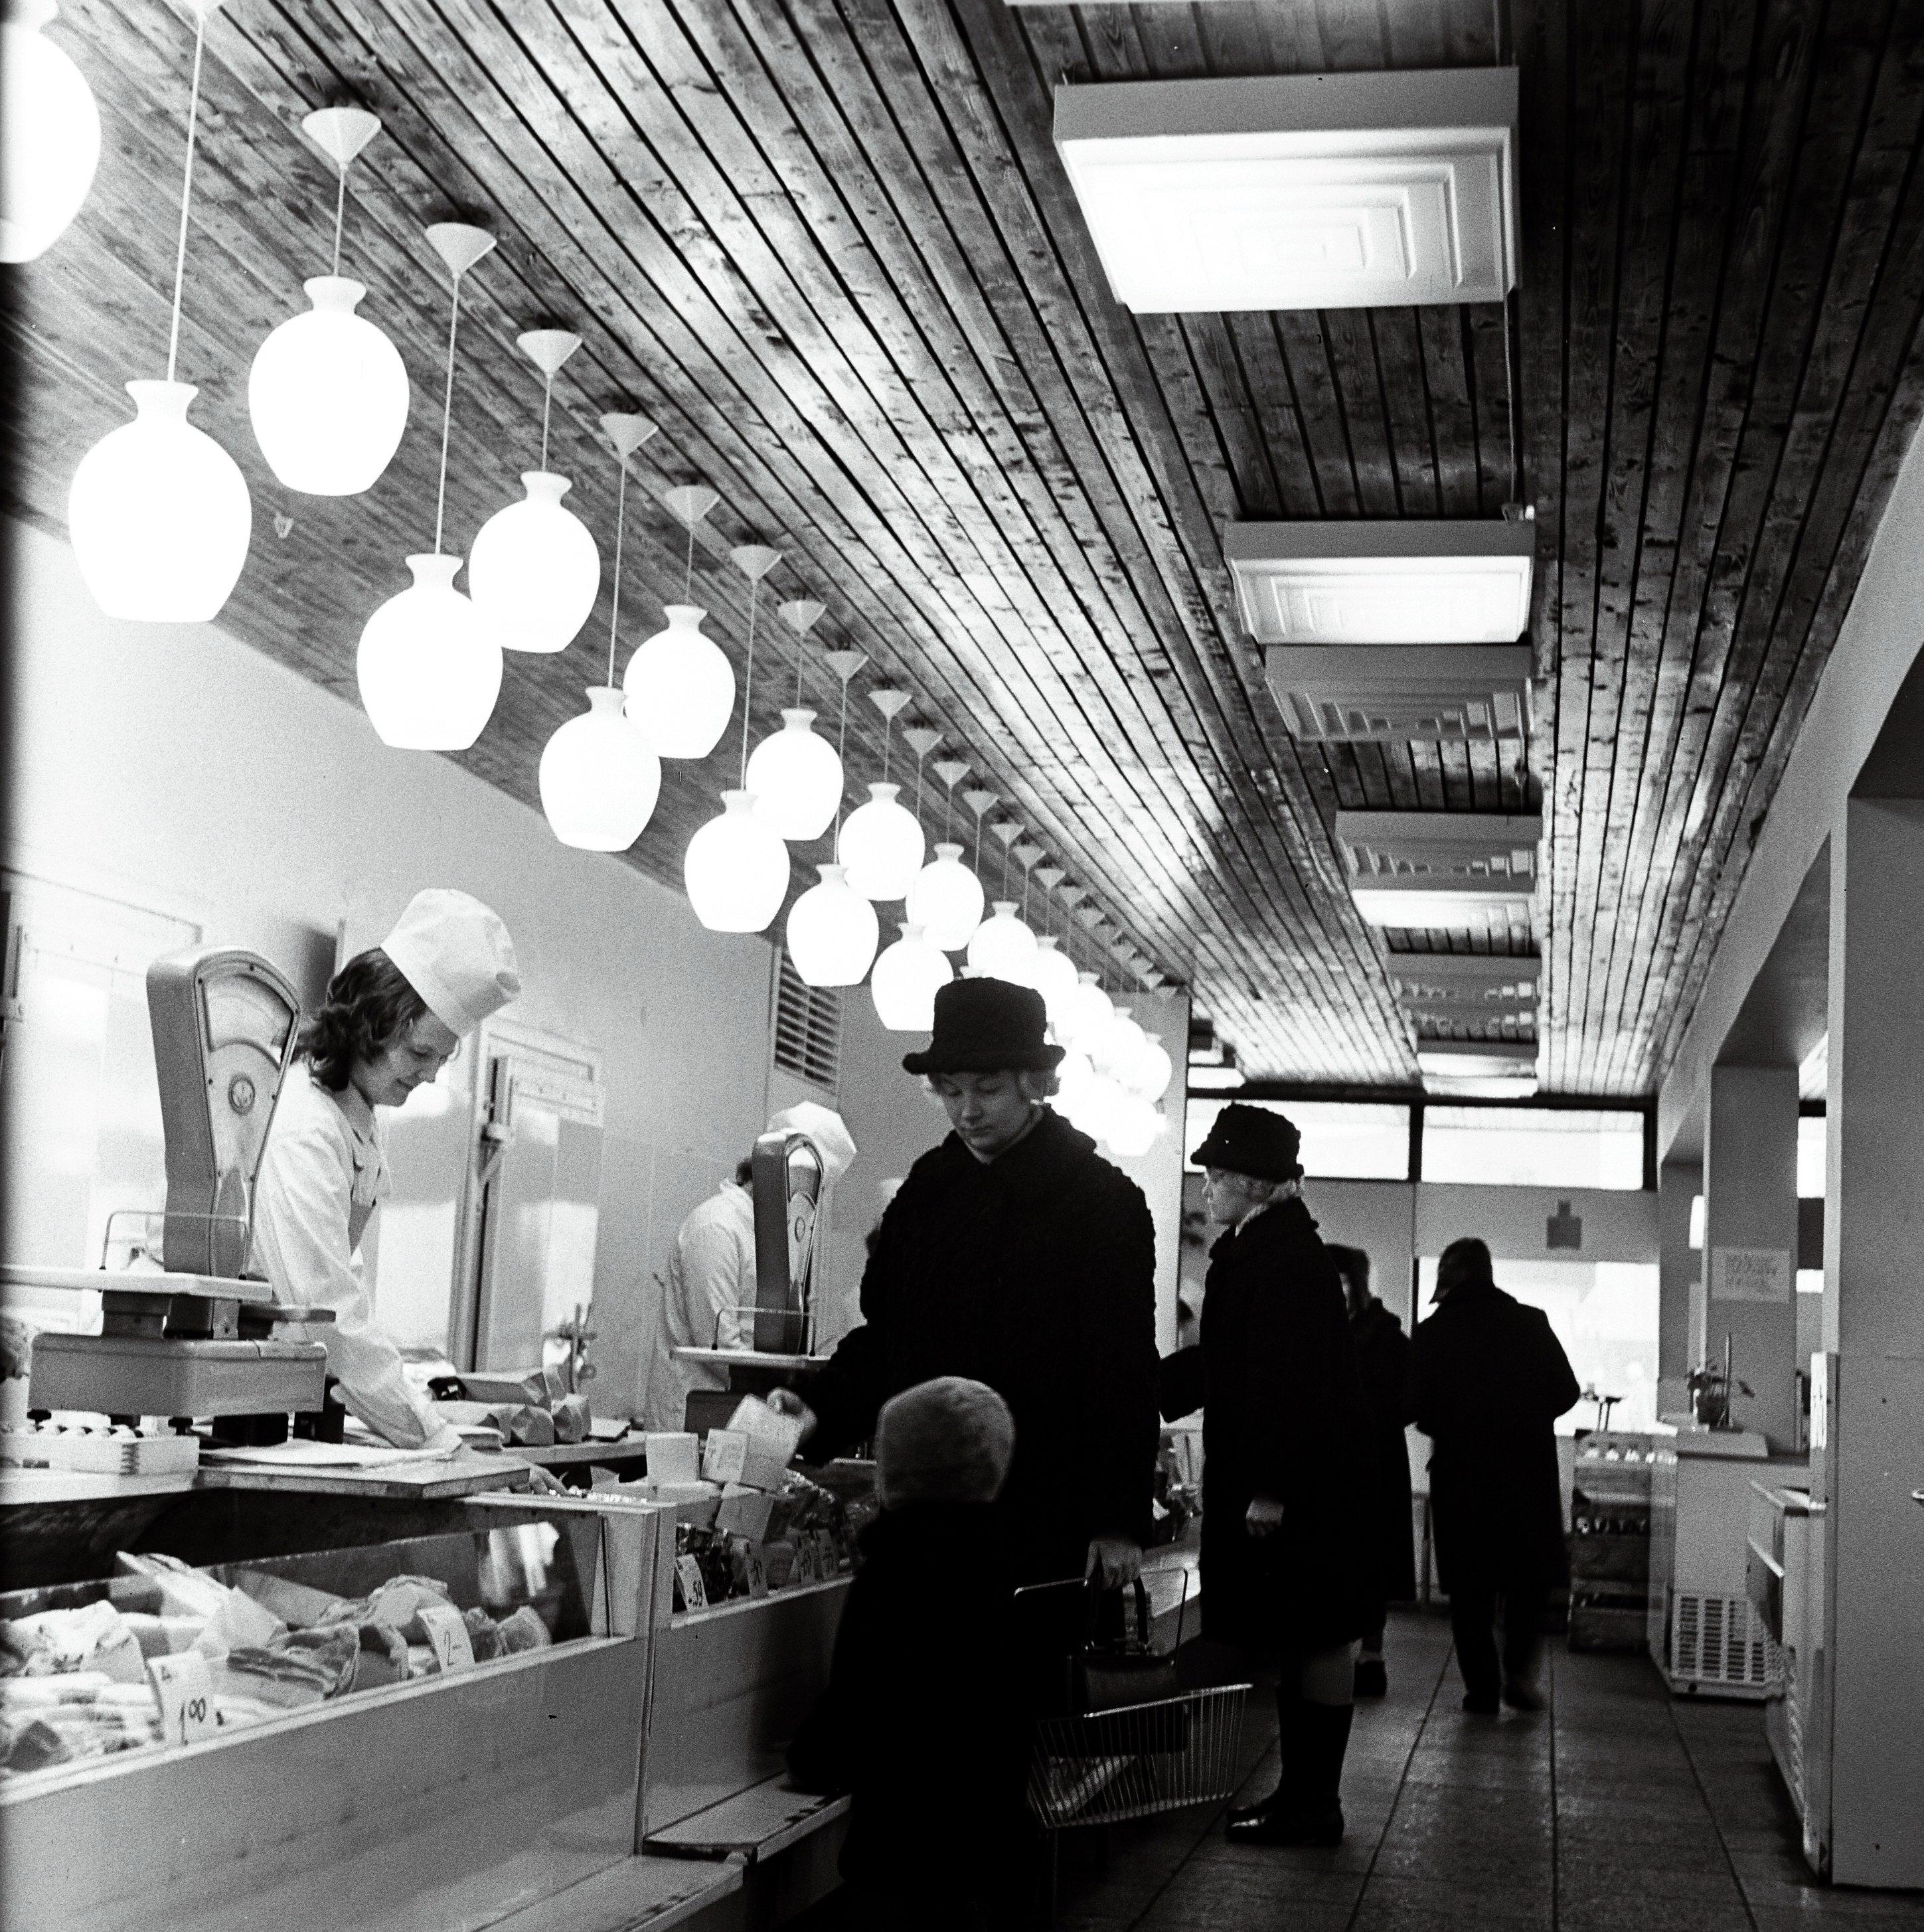 Tartu Anne kauplus, 1974. EFA.204.0-98783